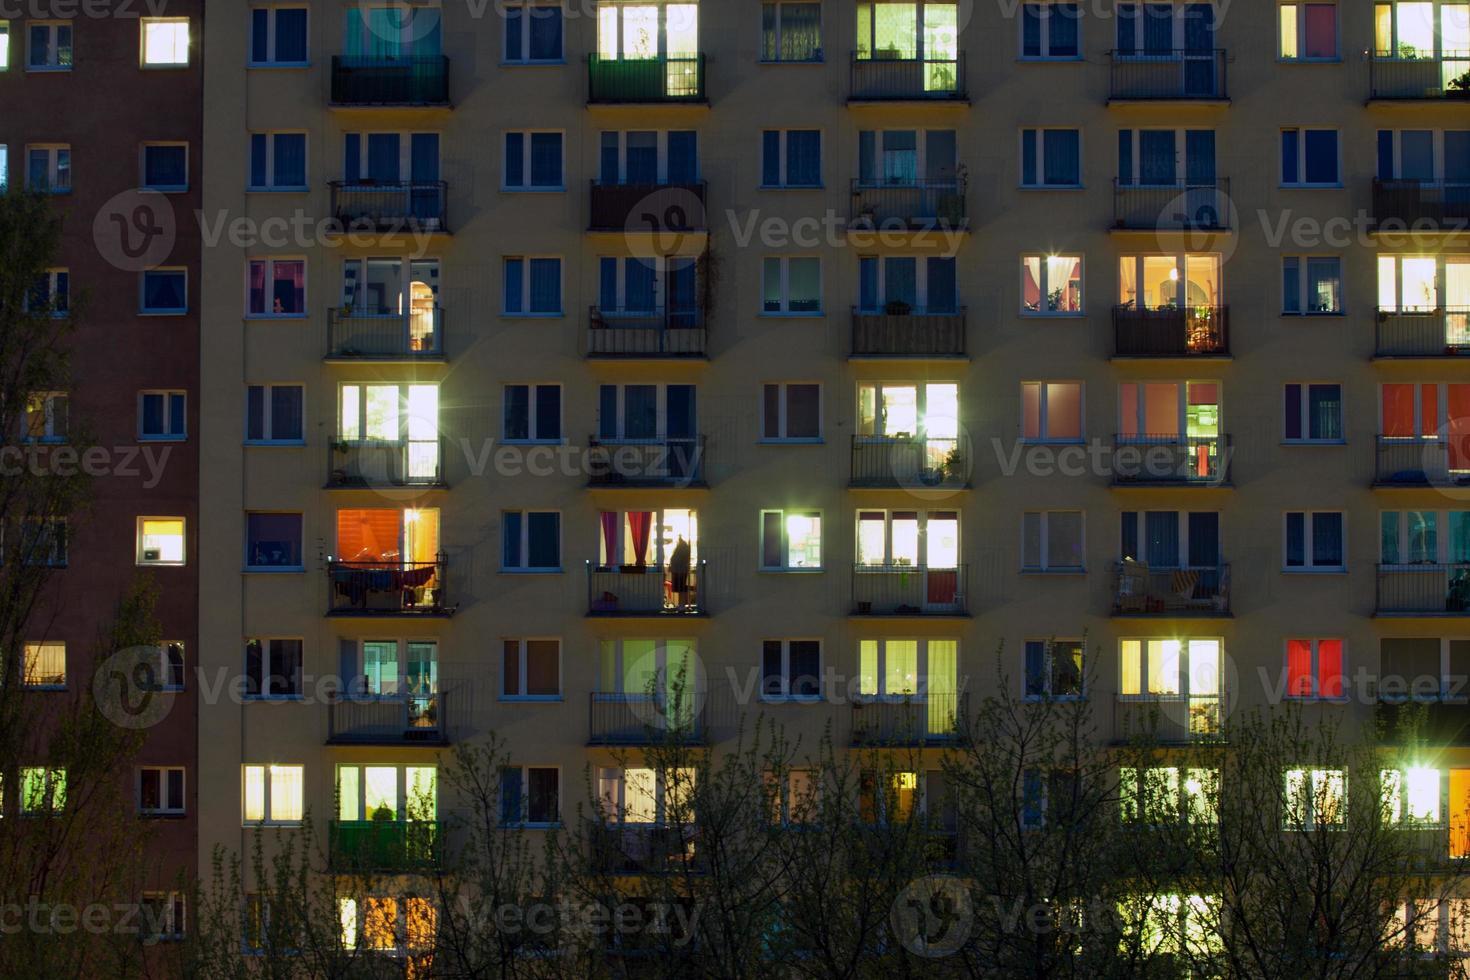 fönster i ett flerfamiljshus på natten foto